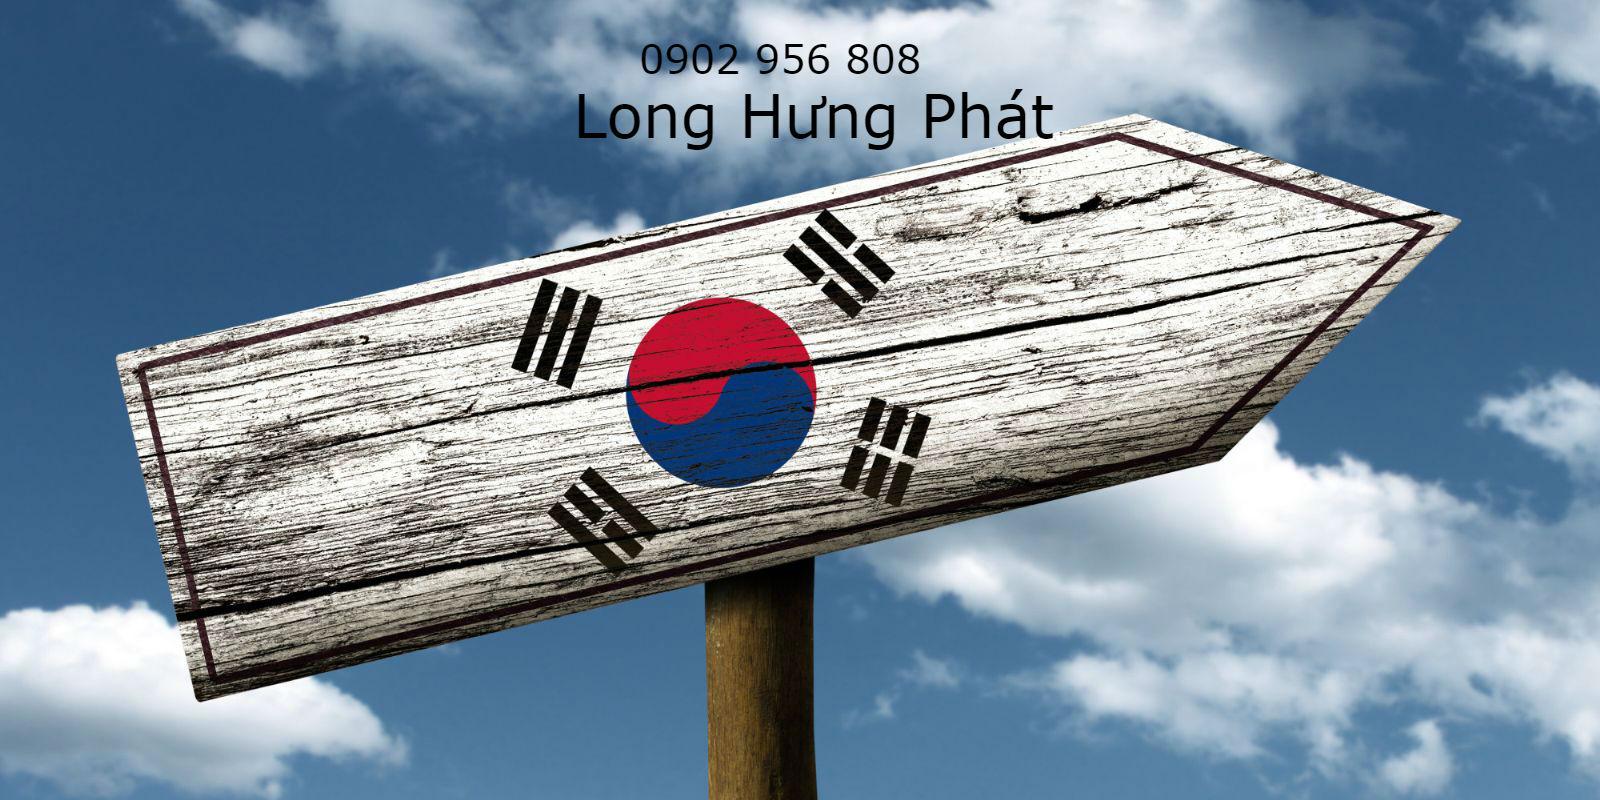 Gửi hàng đi Korea tiết kiệm